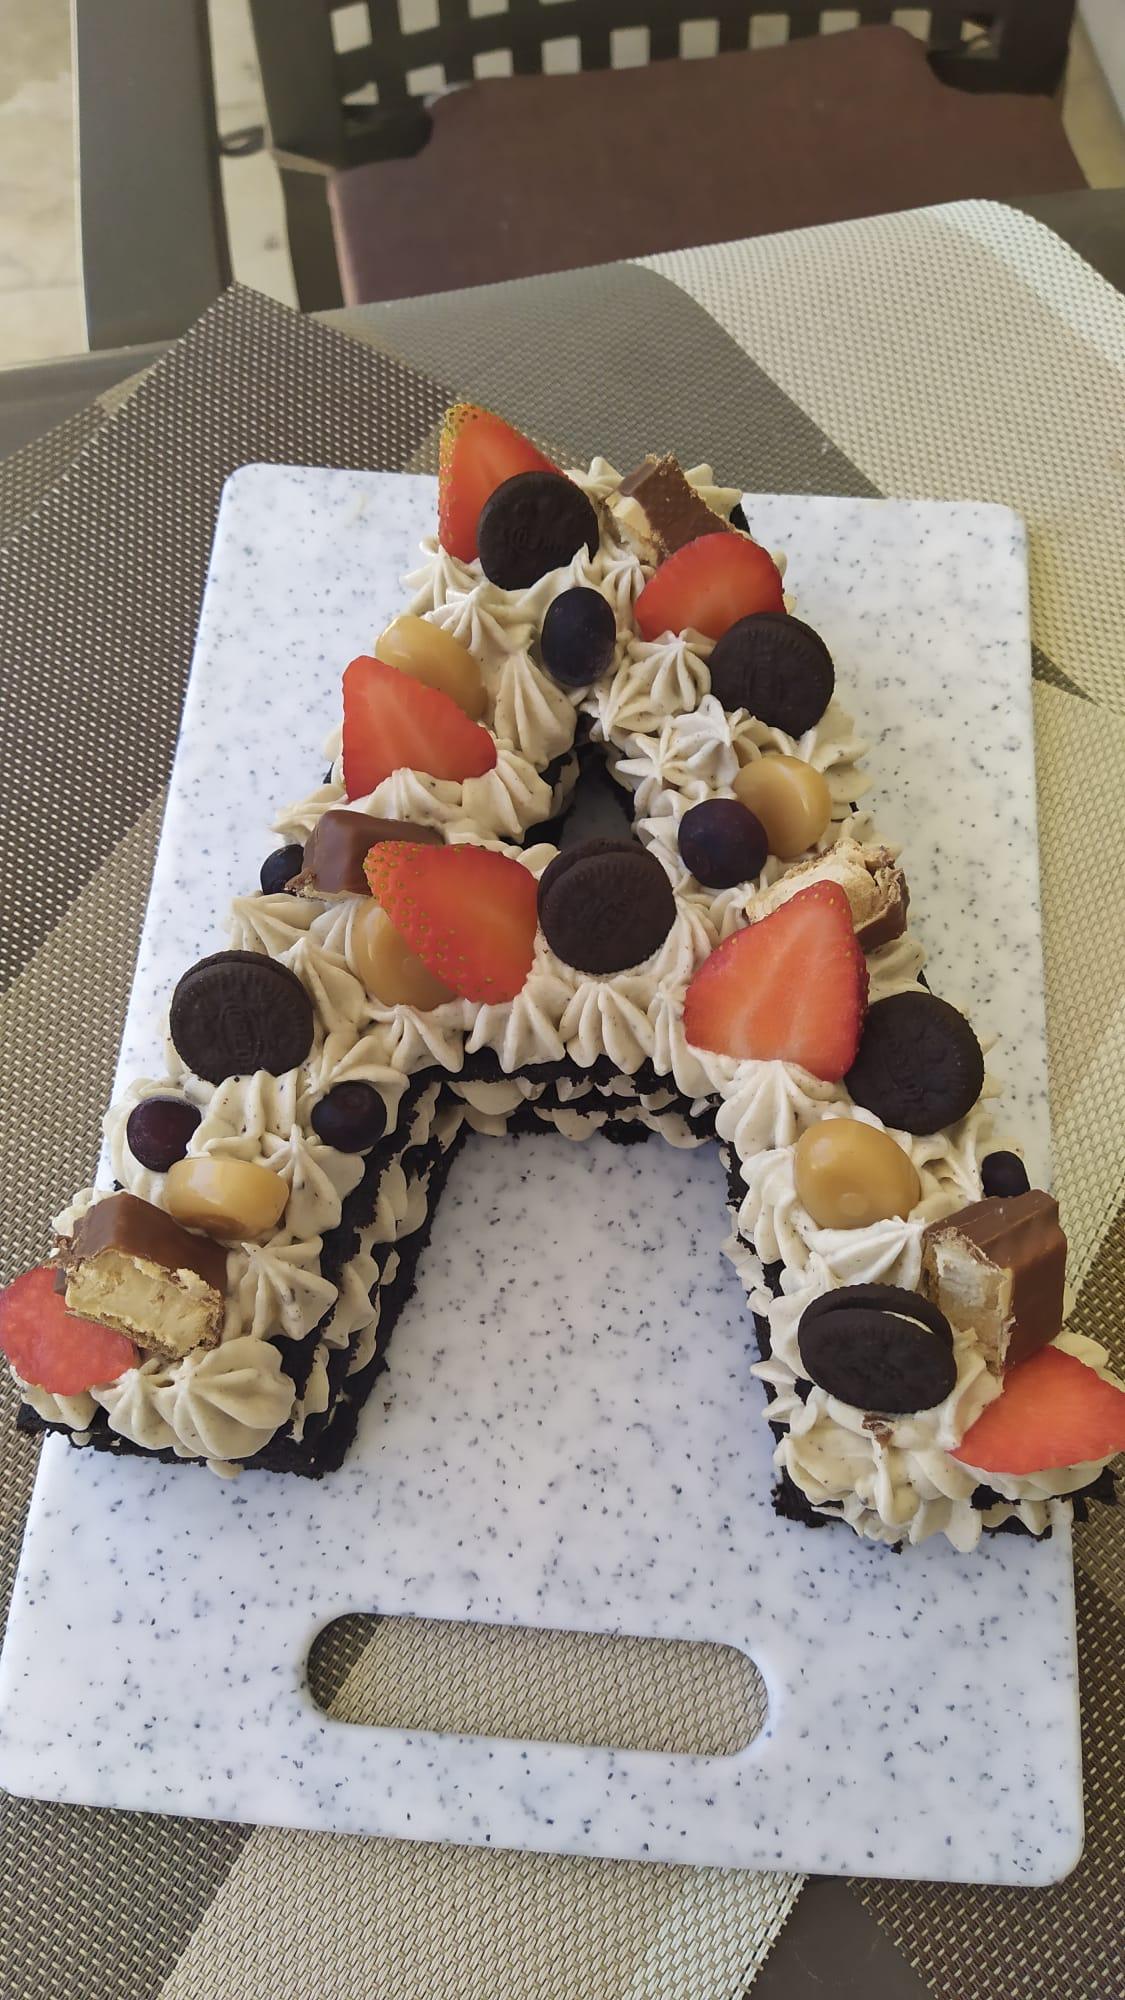 A full oreo letter cake